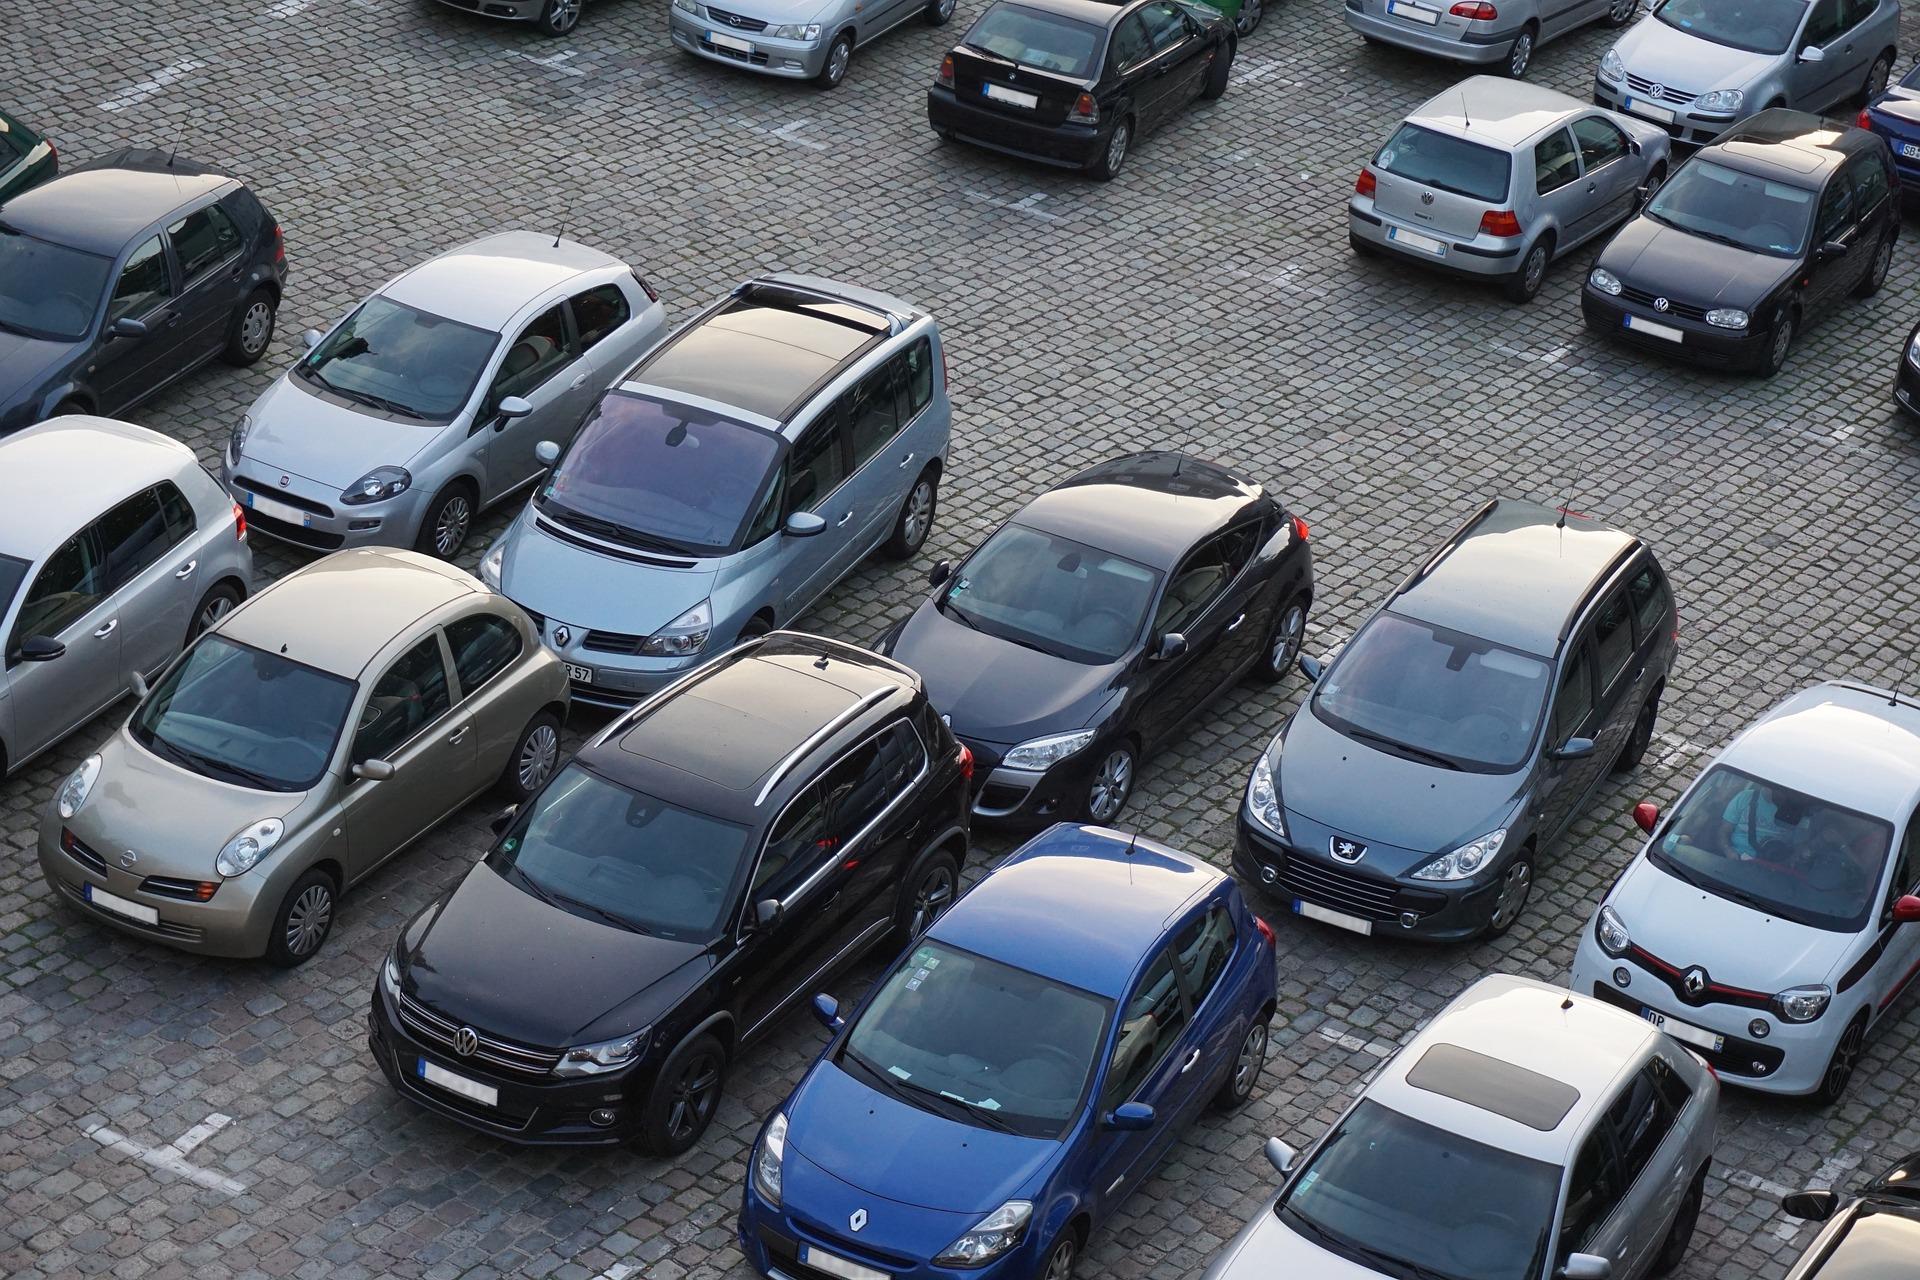 Krakowskie porządki w Strefie Płatnego Parkowania #UczSięPoznaniu